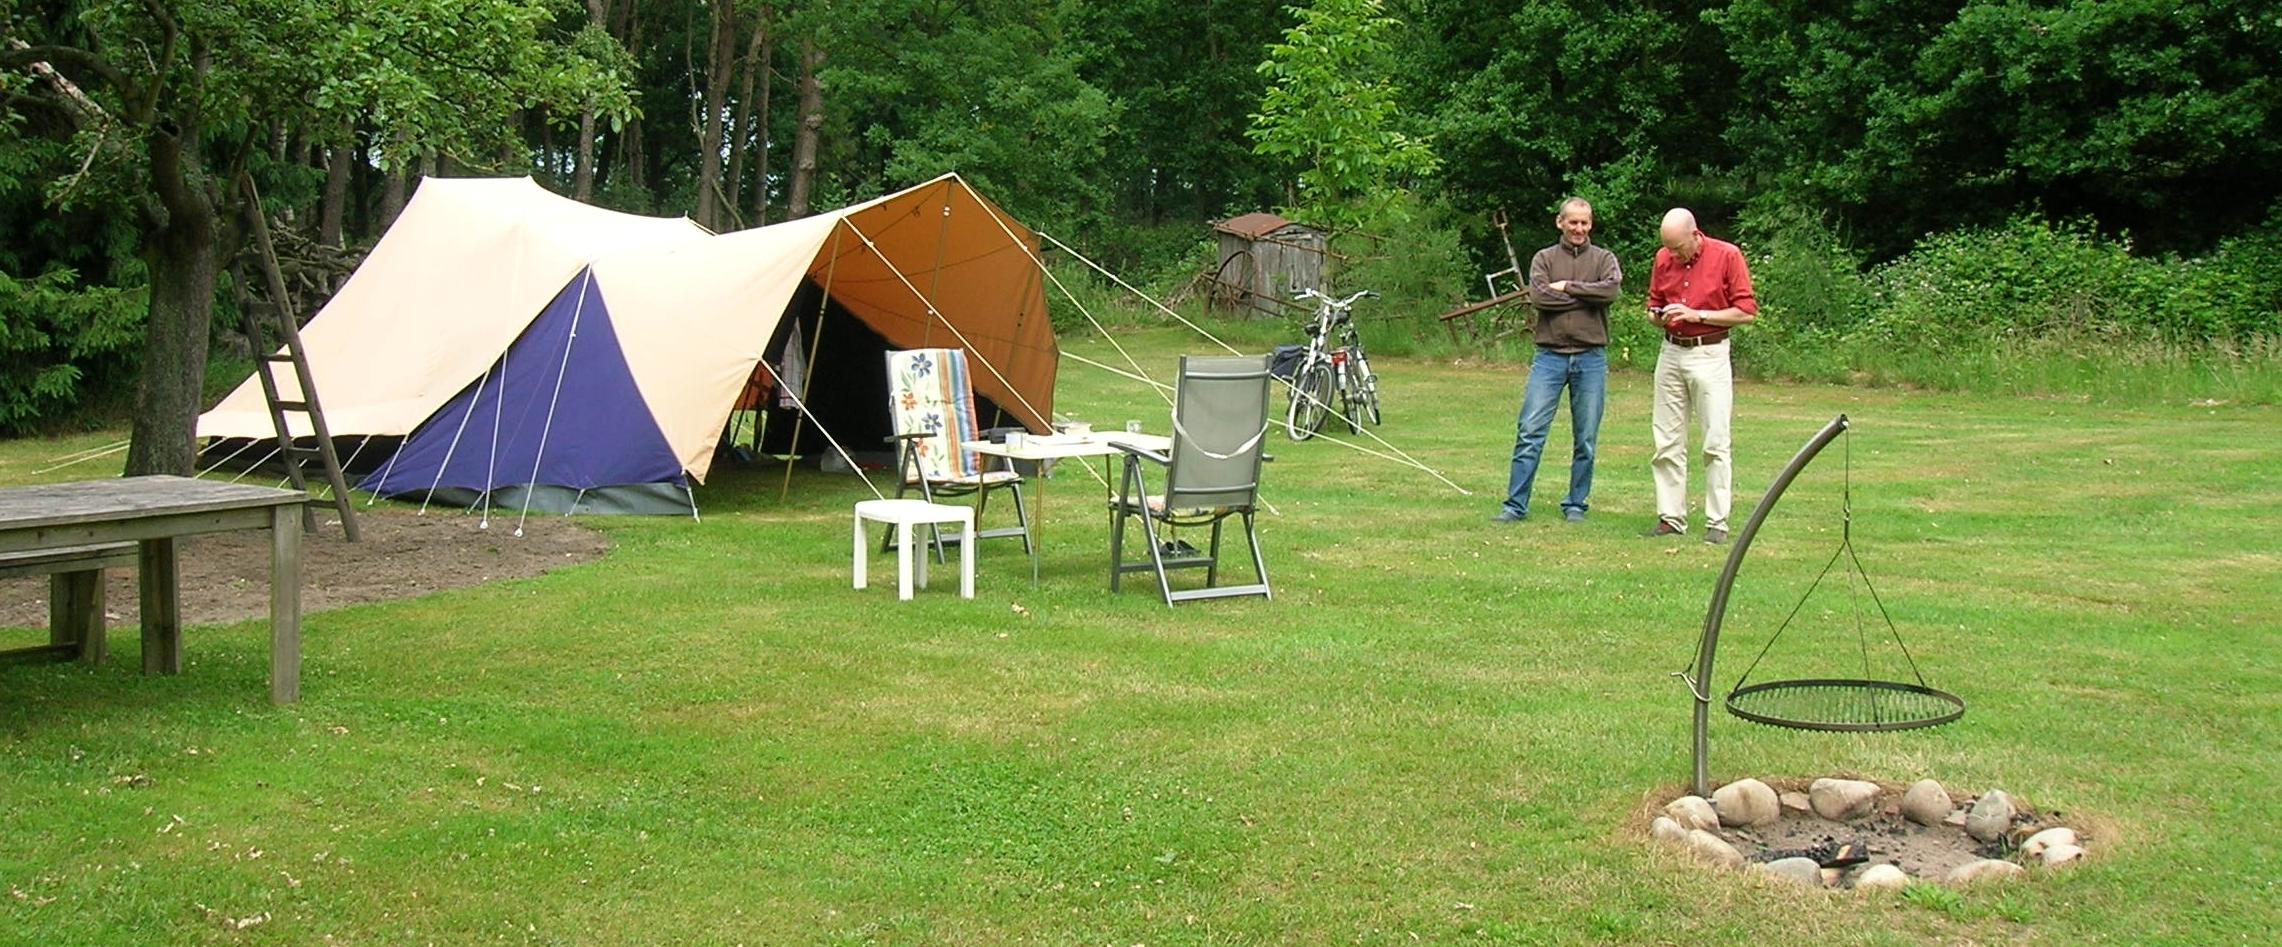 aankomst-op-camping-de-tent-staat-e1456391495182